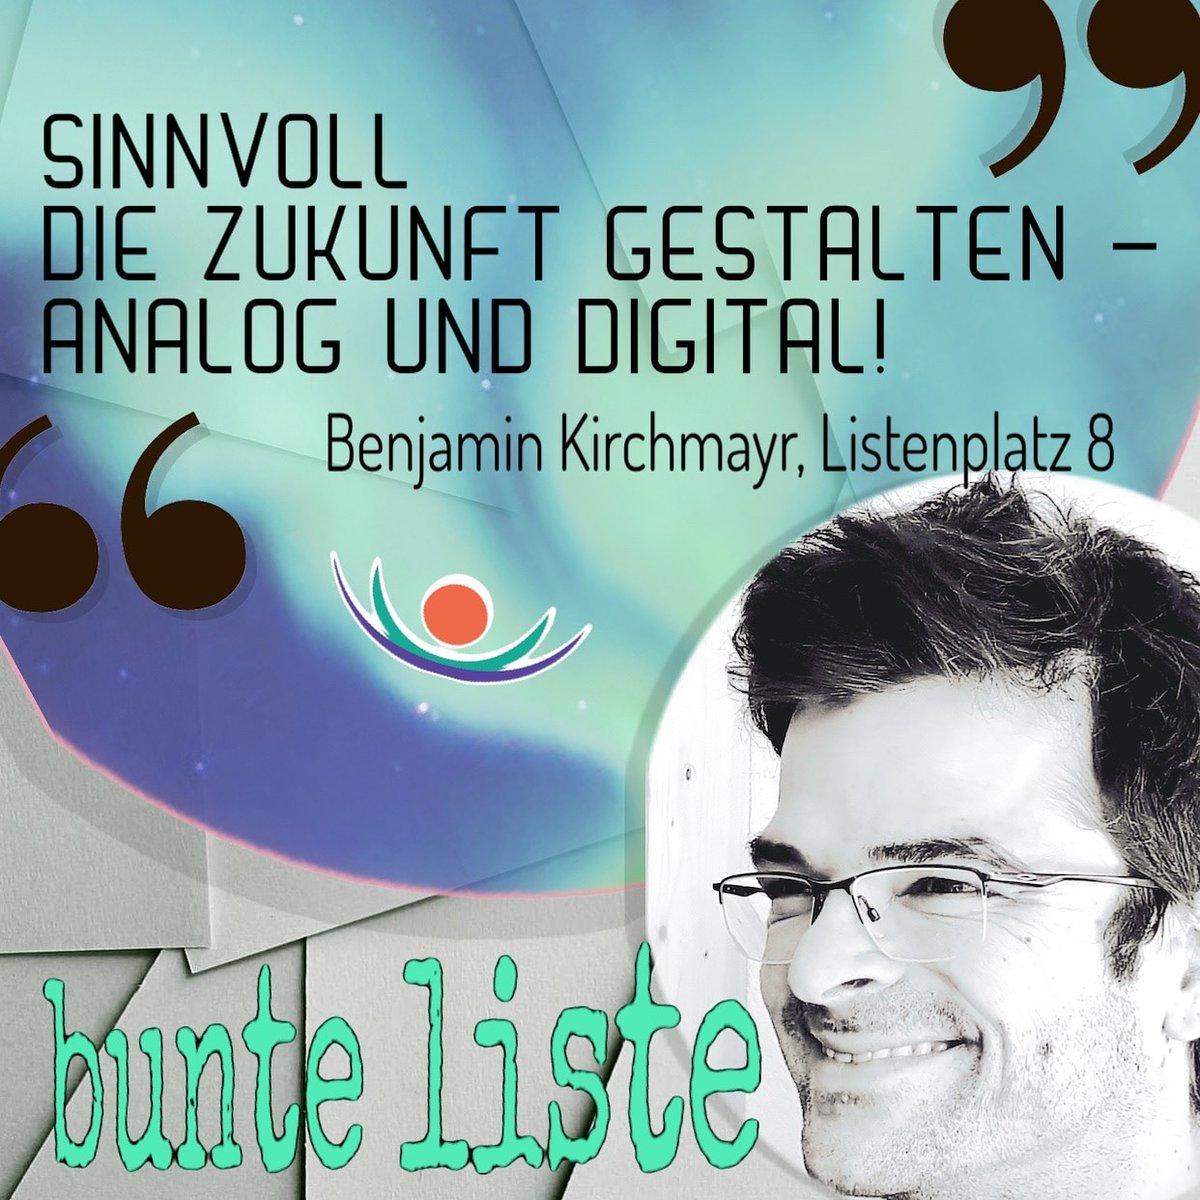 #BunteListe #BunteListeOberammergau #Oberammergau #Kommunalwahl2020 #unserekandidatenpic.twitter.com/0ZyoyVJMT6